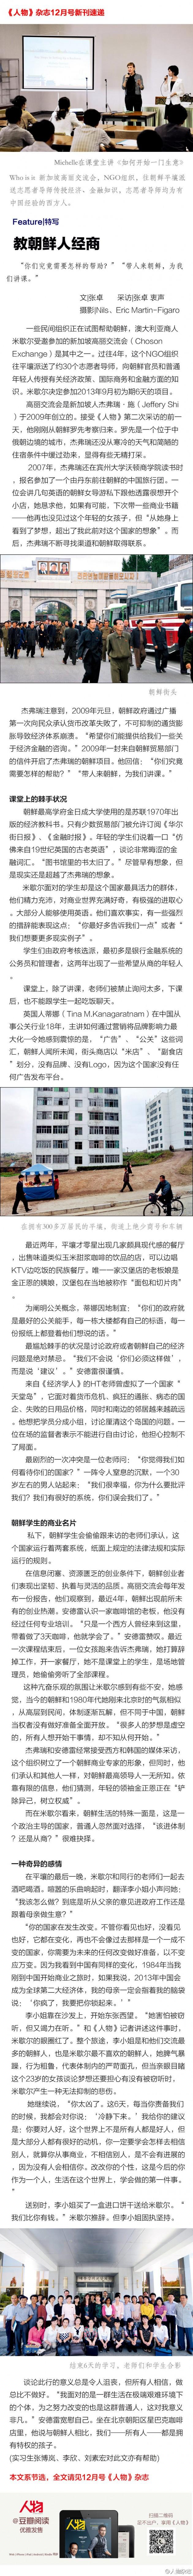 Ren-Wu-e1387774876308.jpg